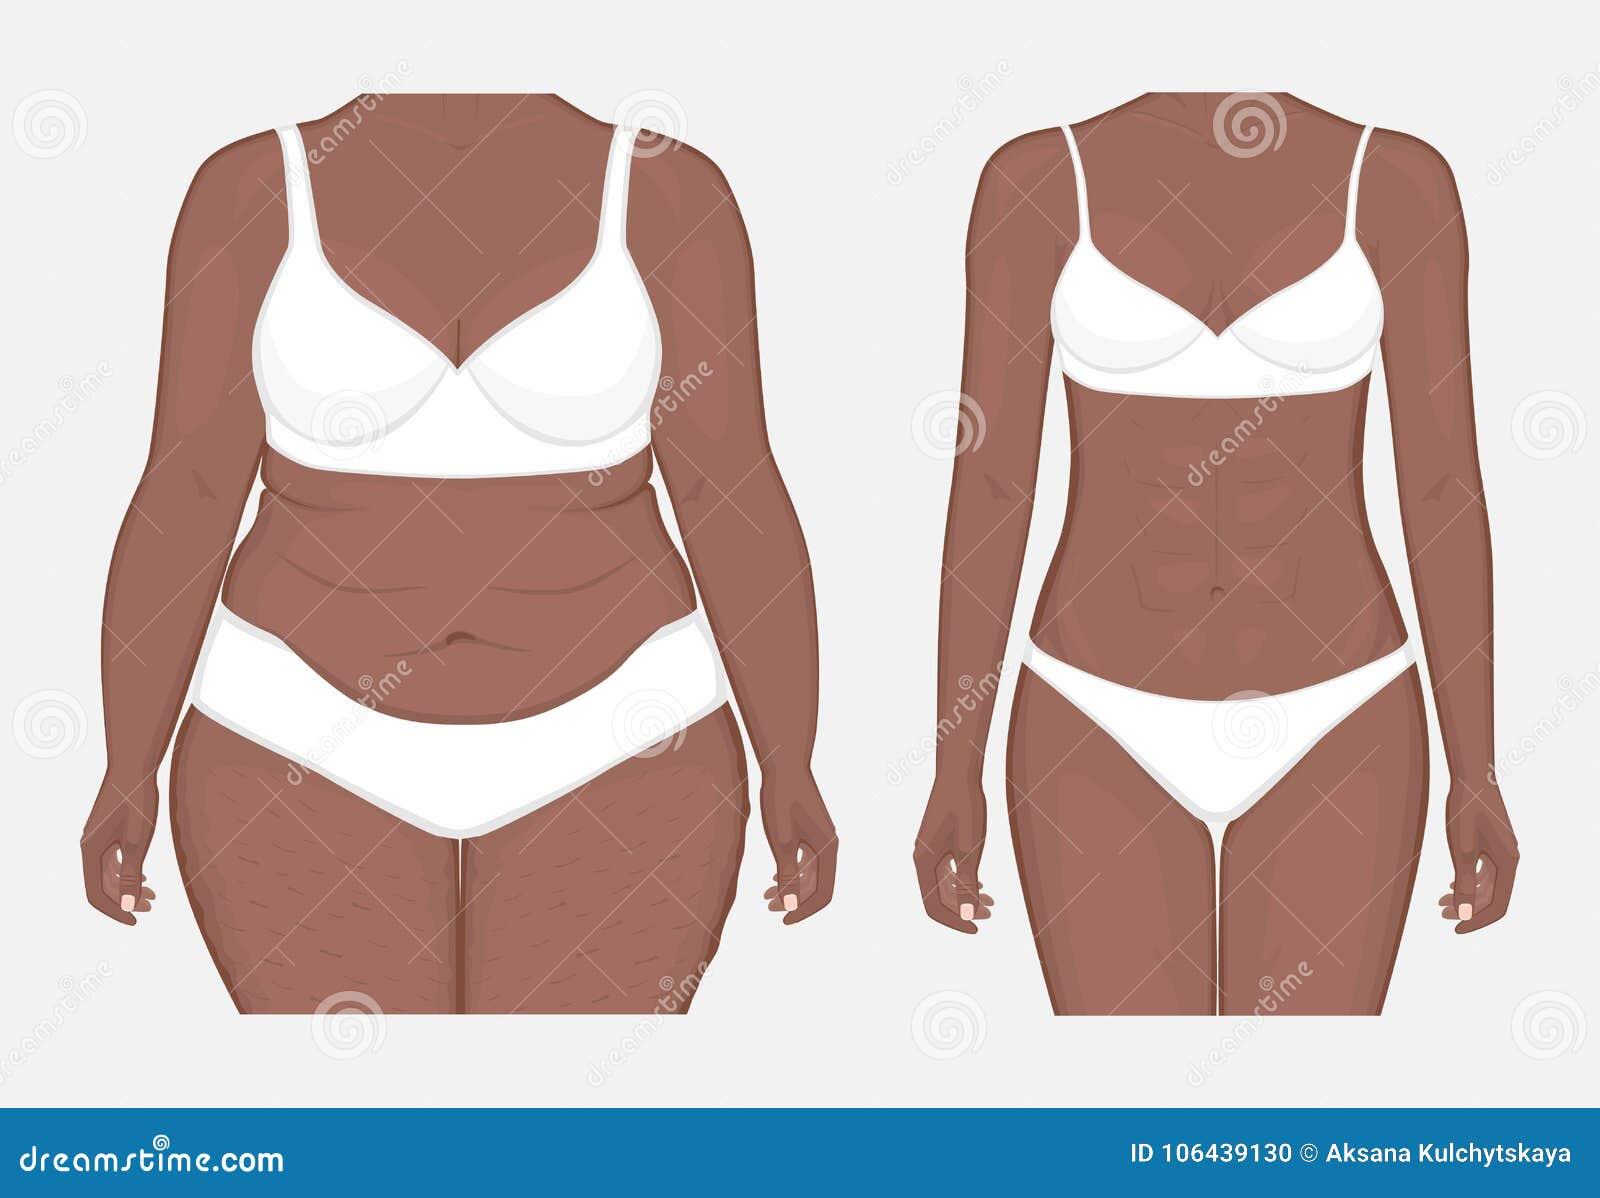 Pérdida de peso problem_Body del cuerpo humano de las mujeres afroamericanas franco